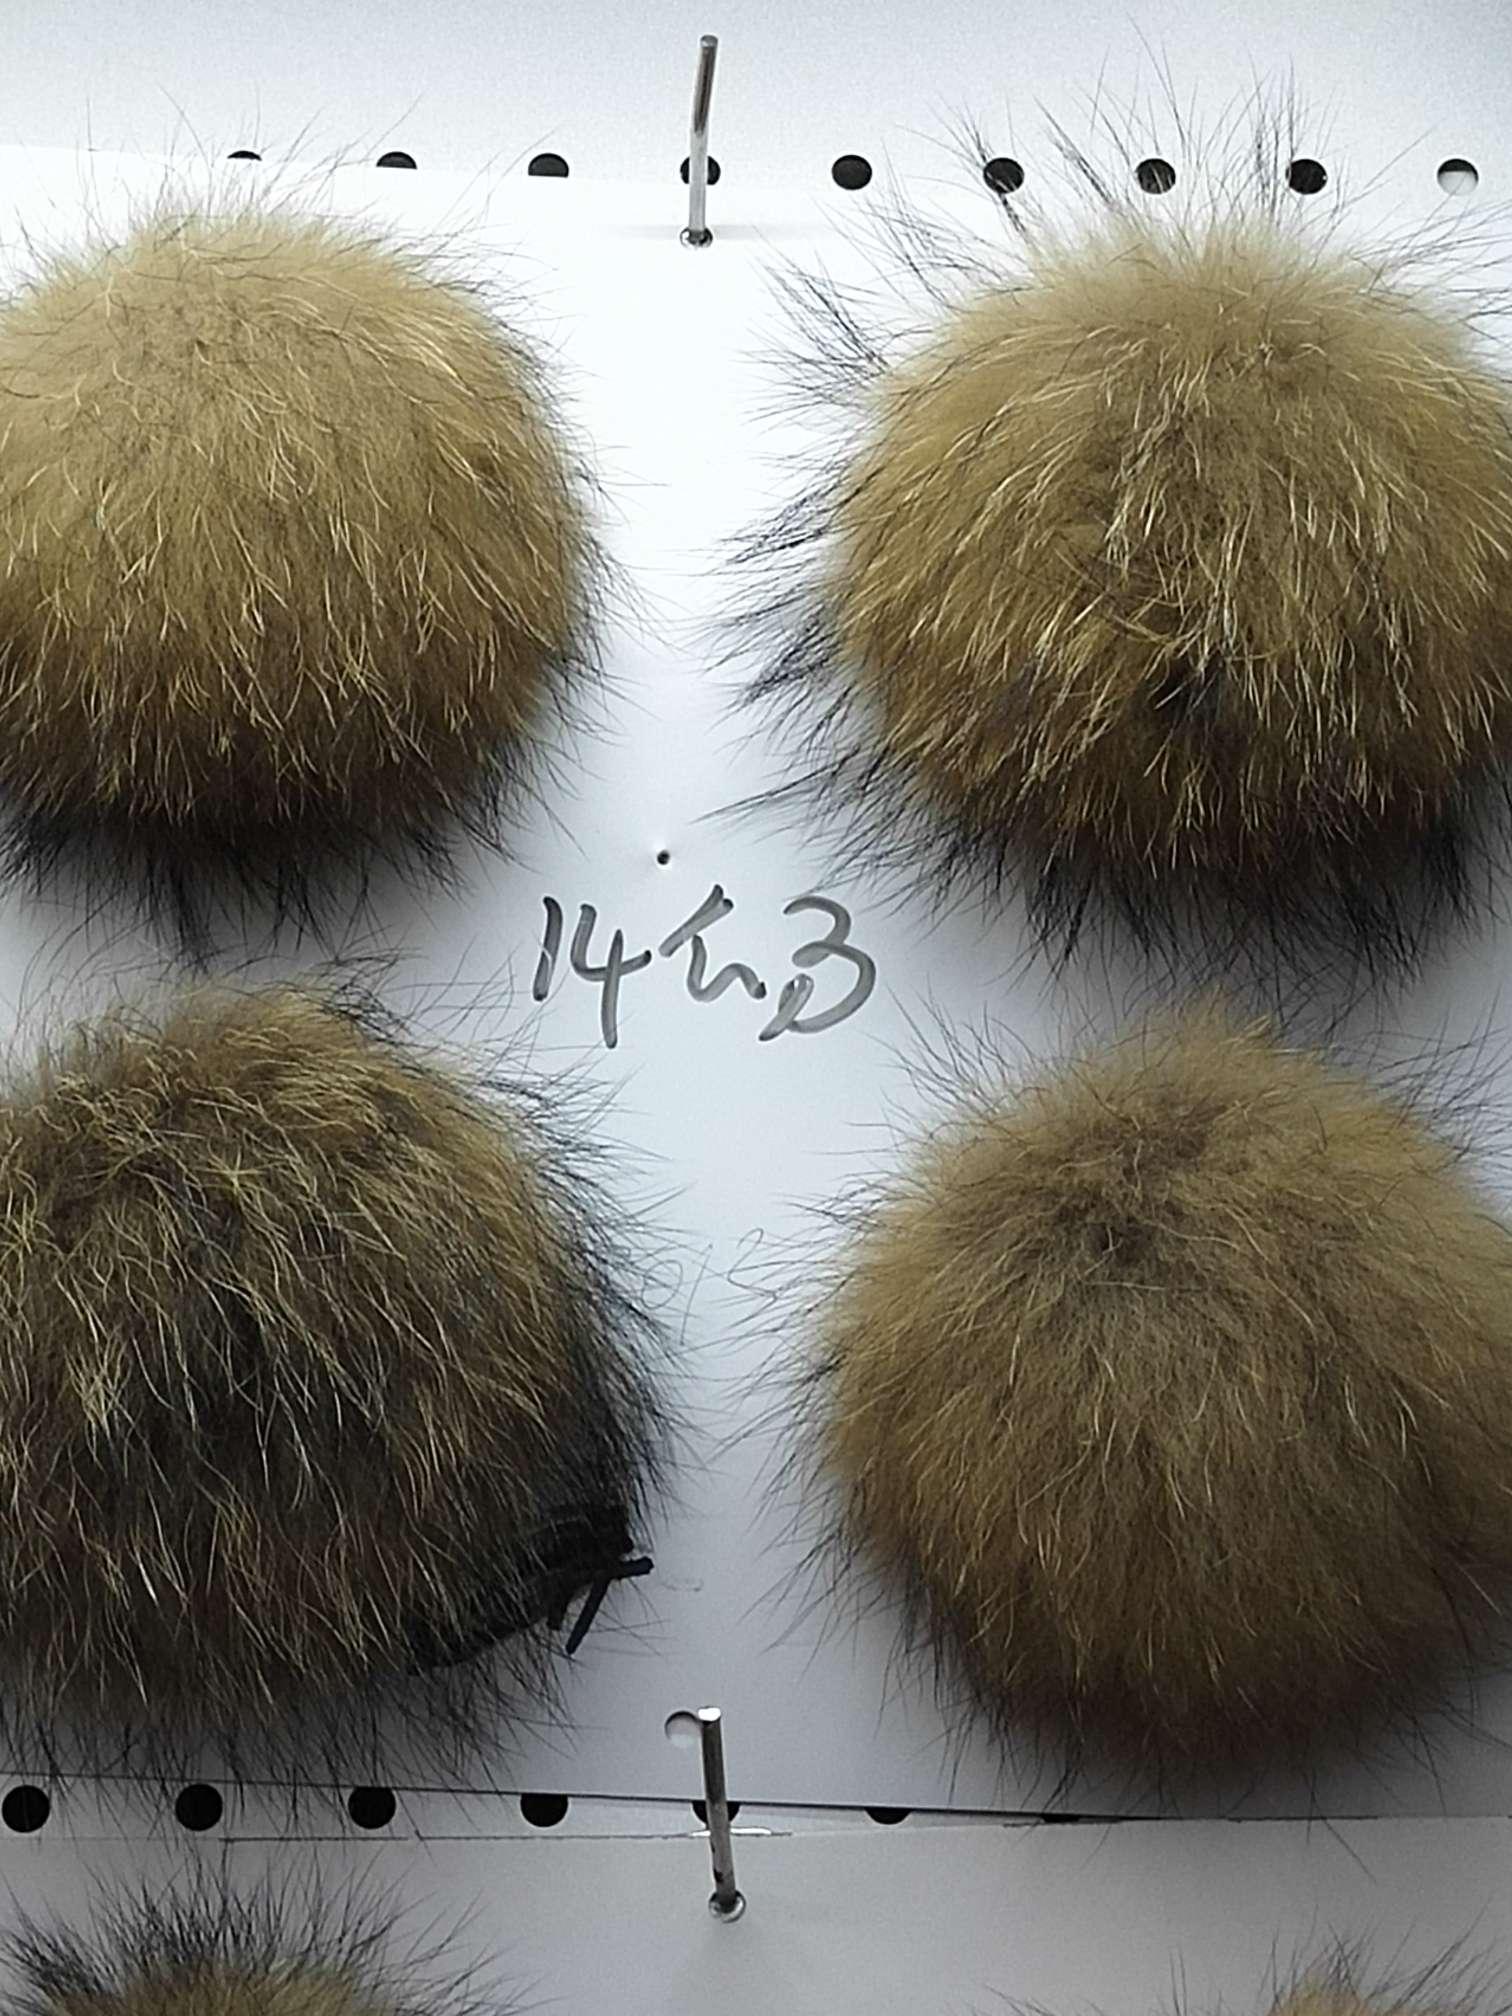 真毛整皮貉子毛毛球新款超大14公分DIY针织帽子棒球帽箱包包专用饰品挂件内销外贸出口